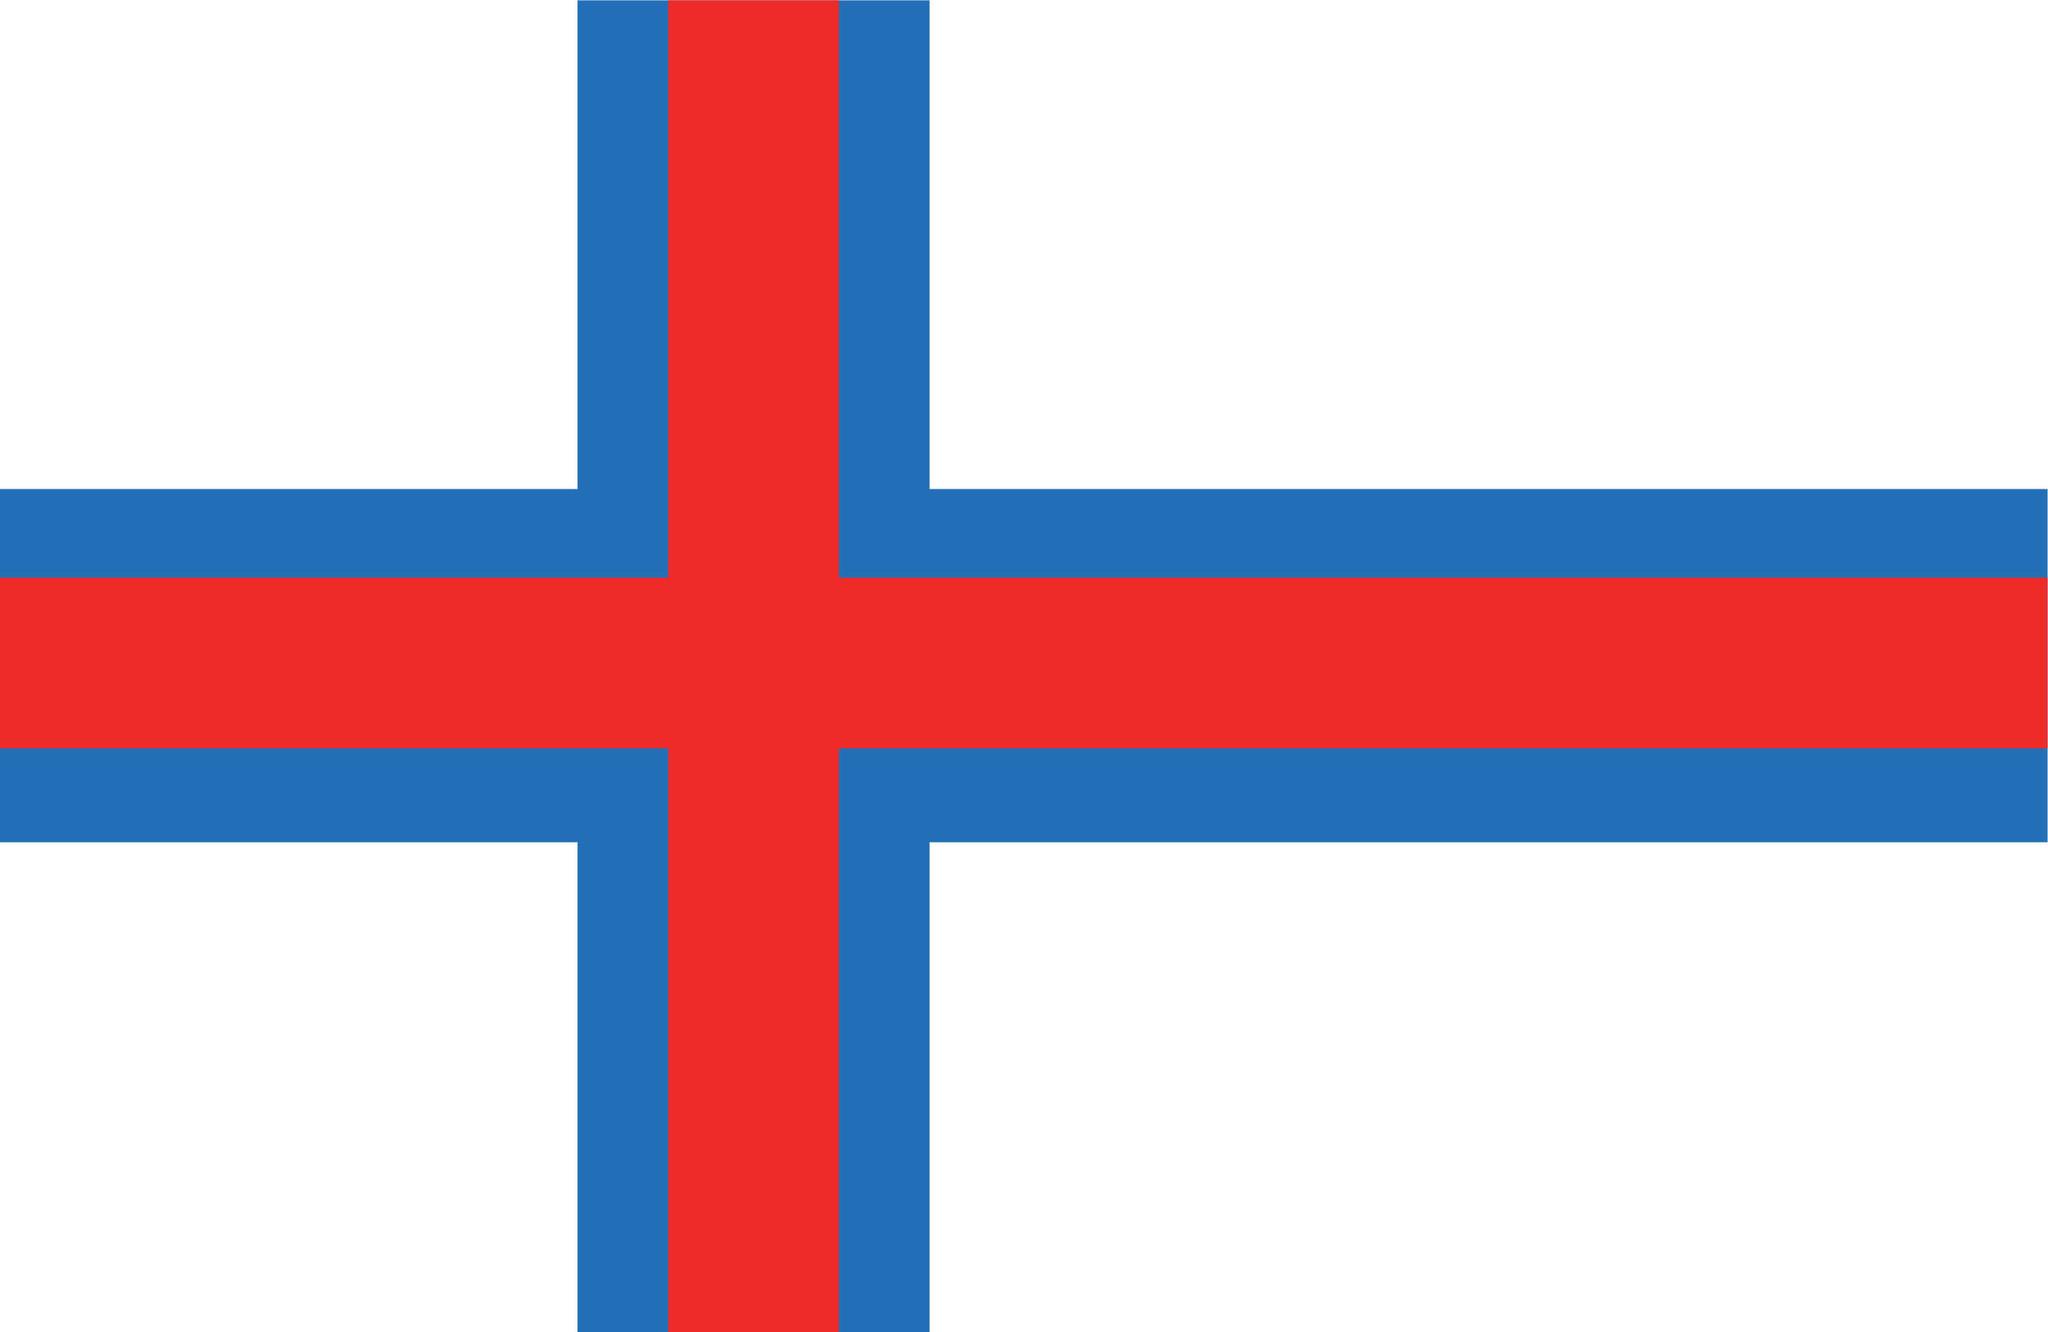 Flagge der Färöer-Inseln